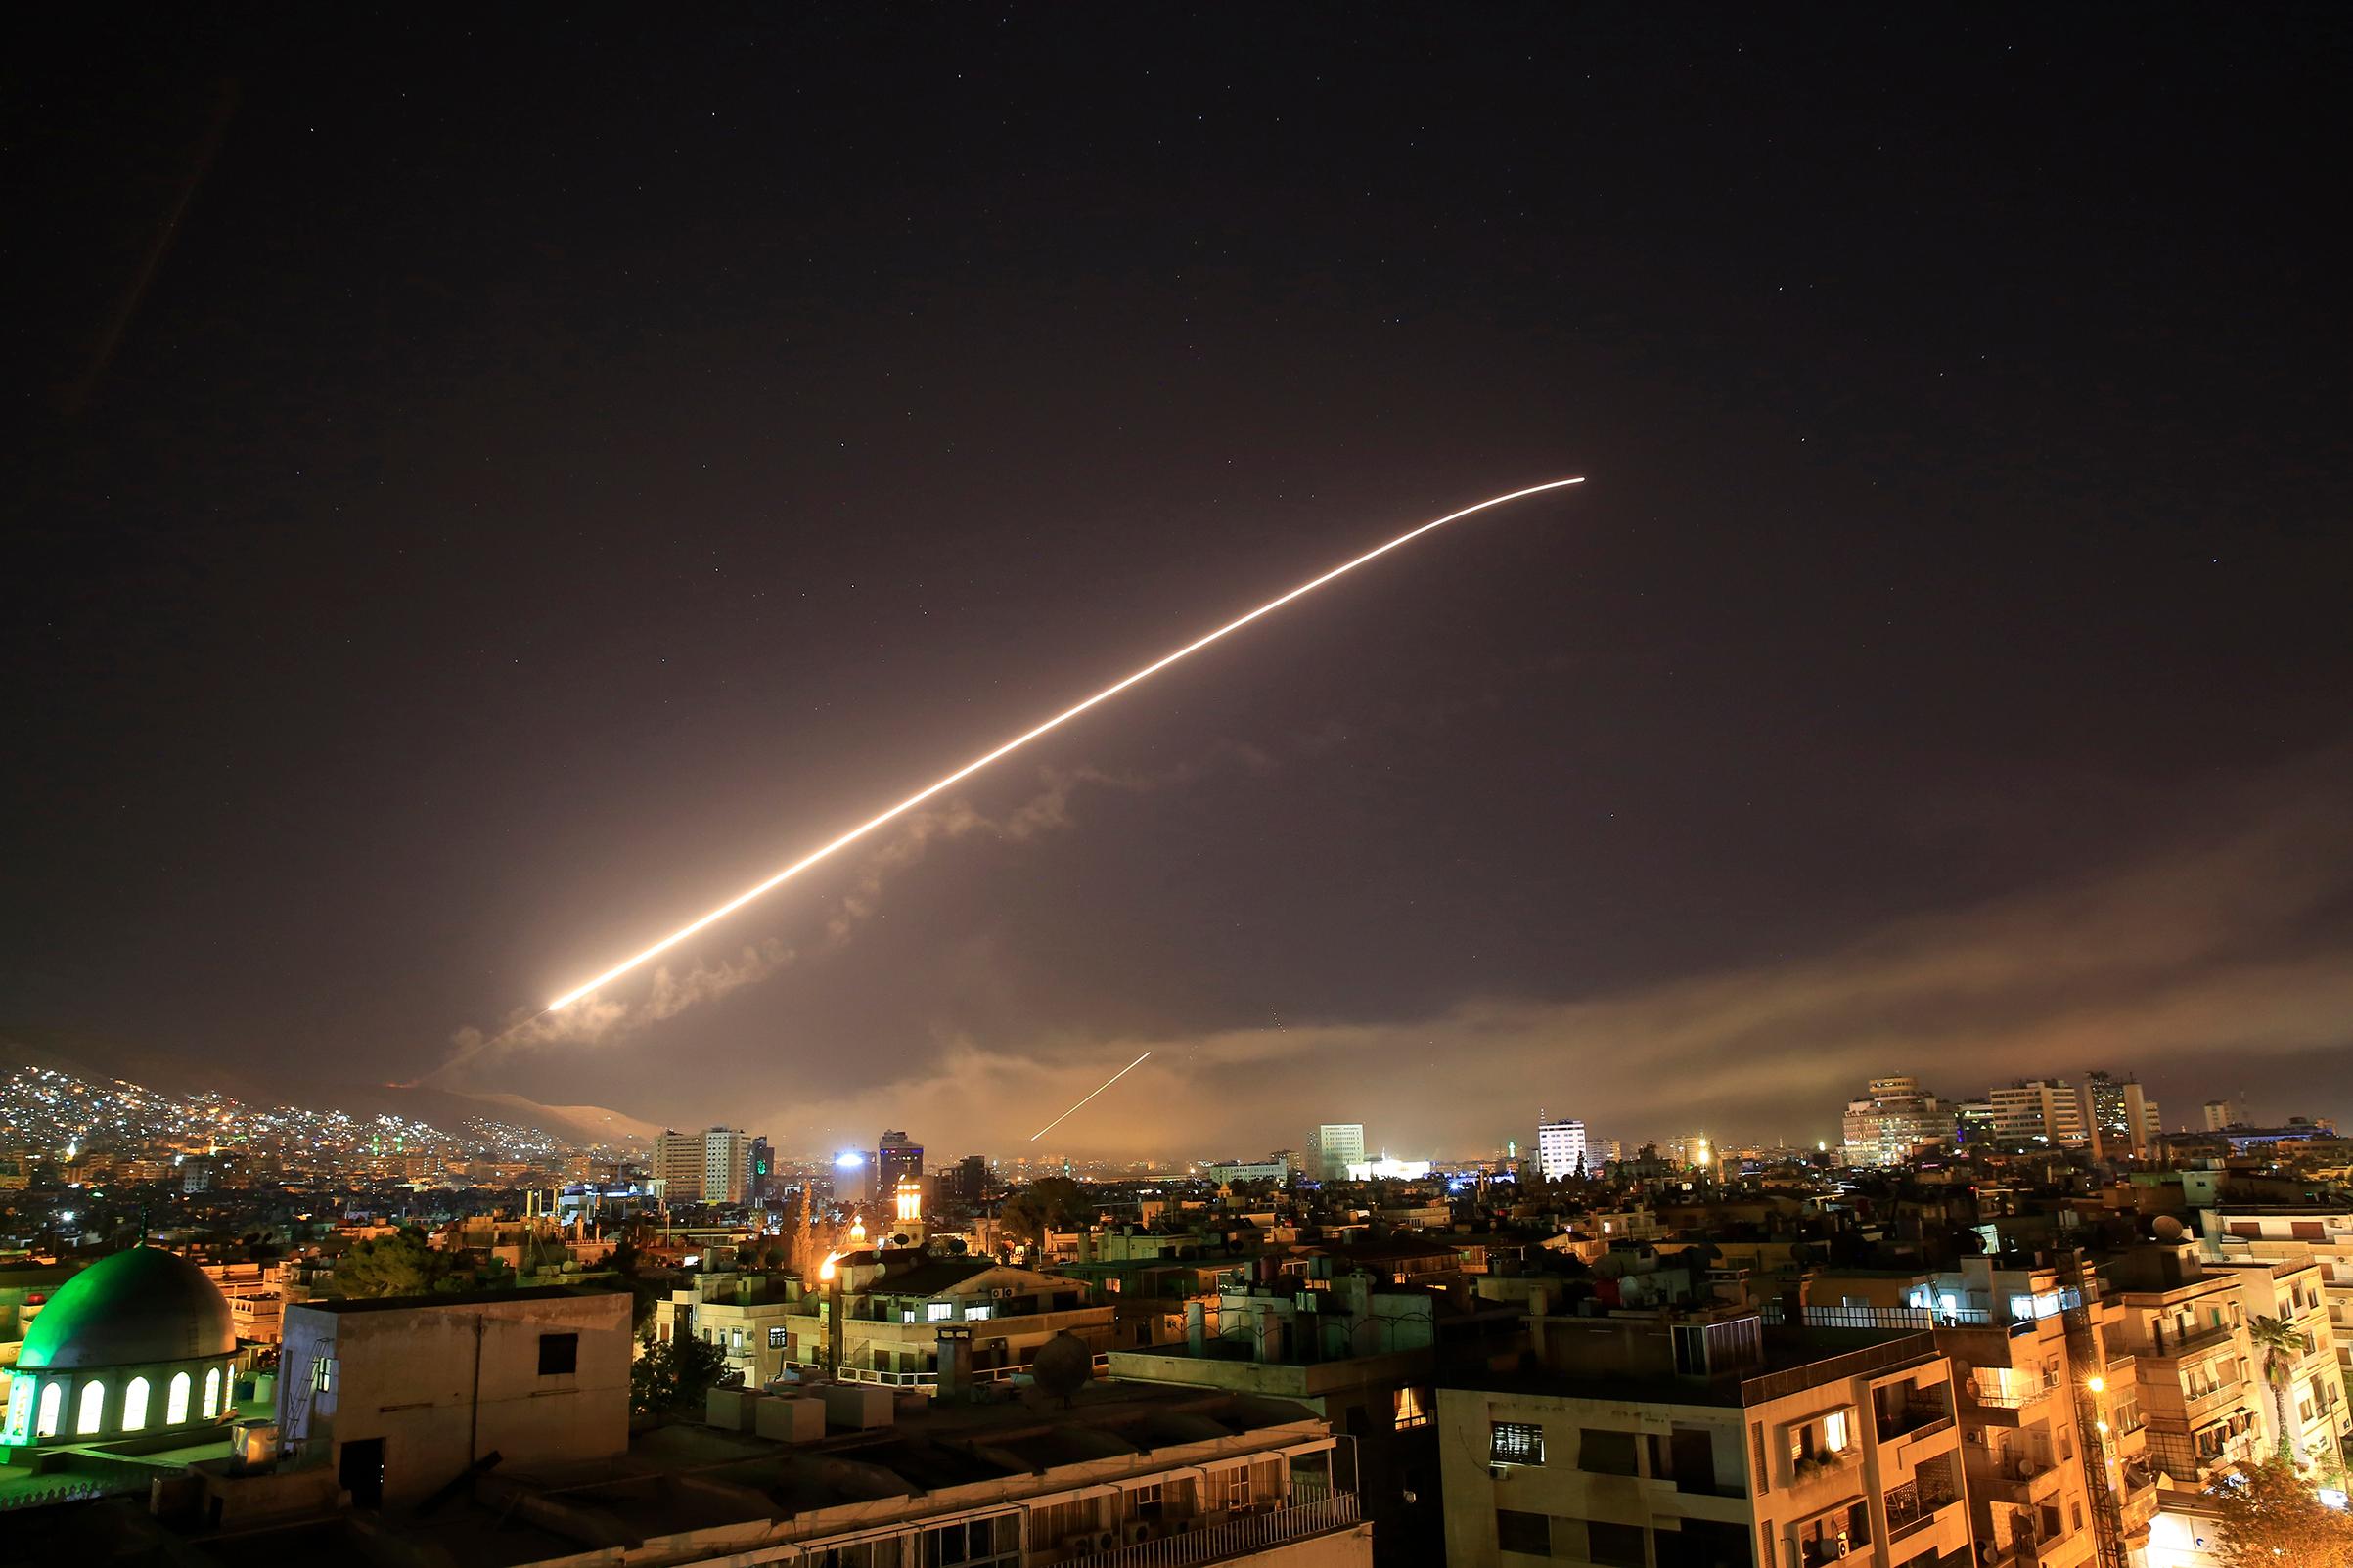 Mỹ, Anh và Pháp tấn công Syria, các nước lên tiếng